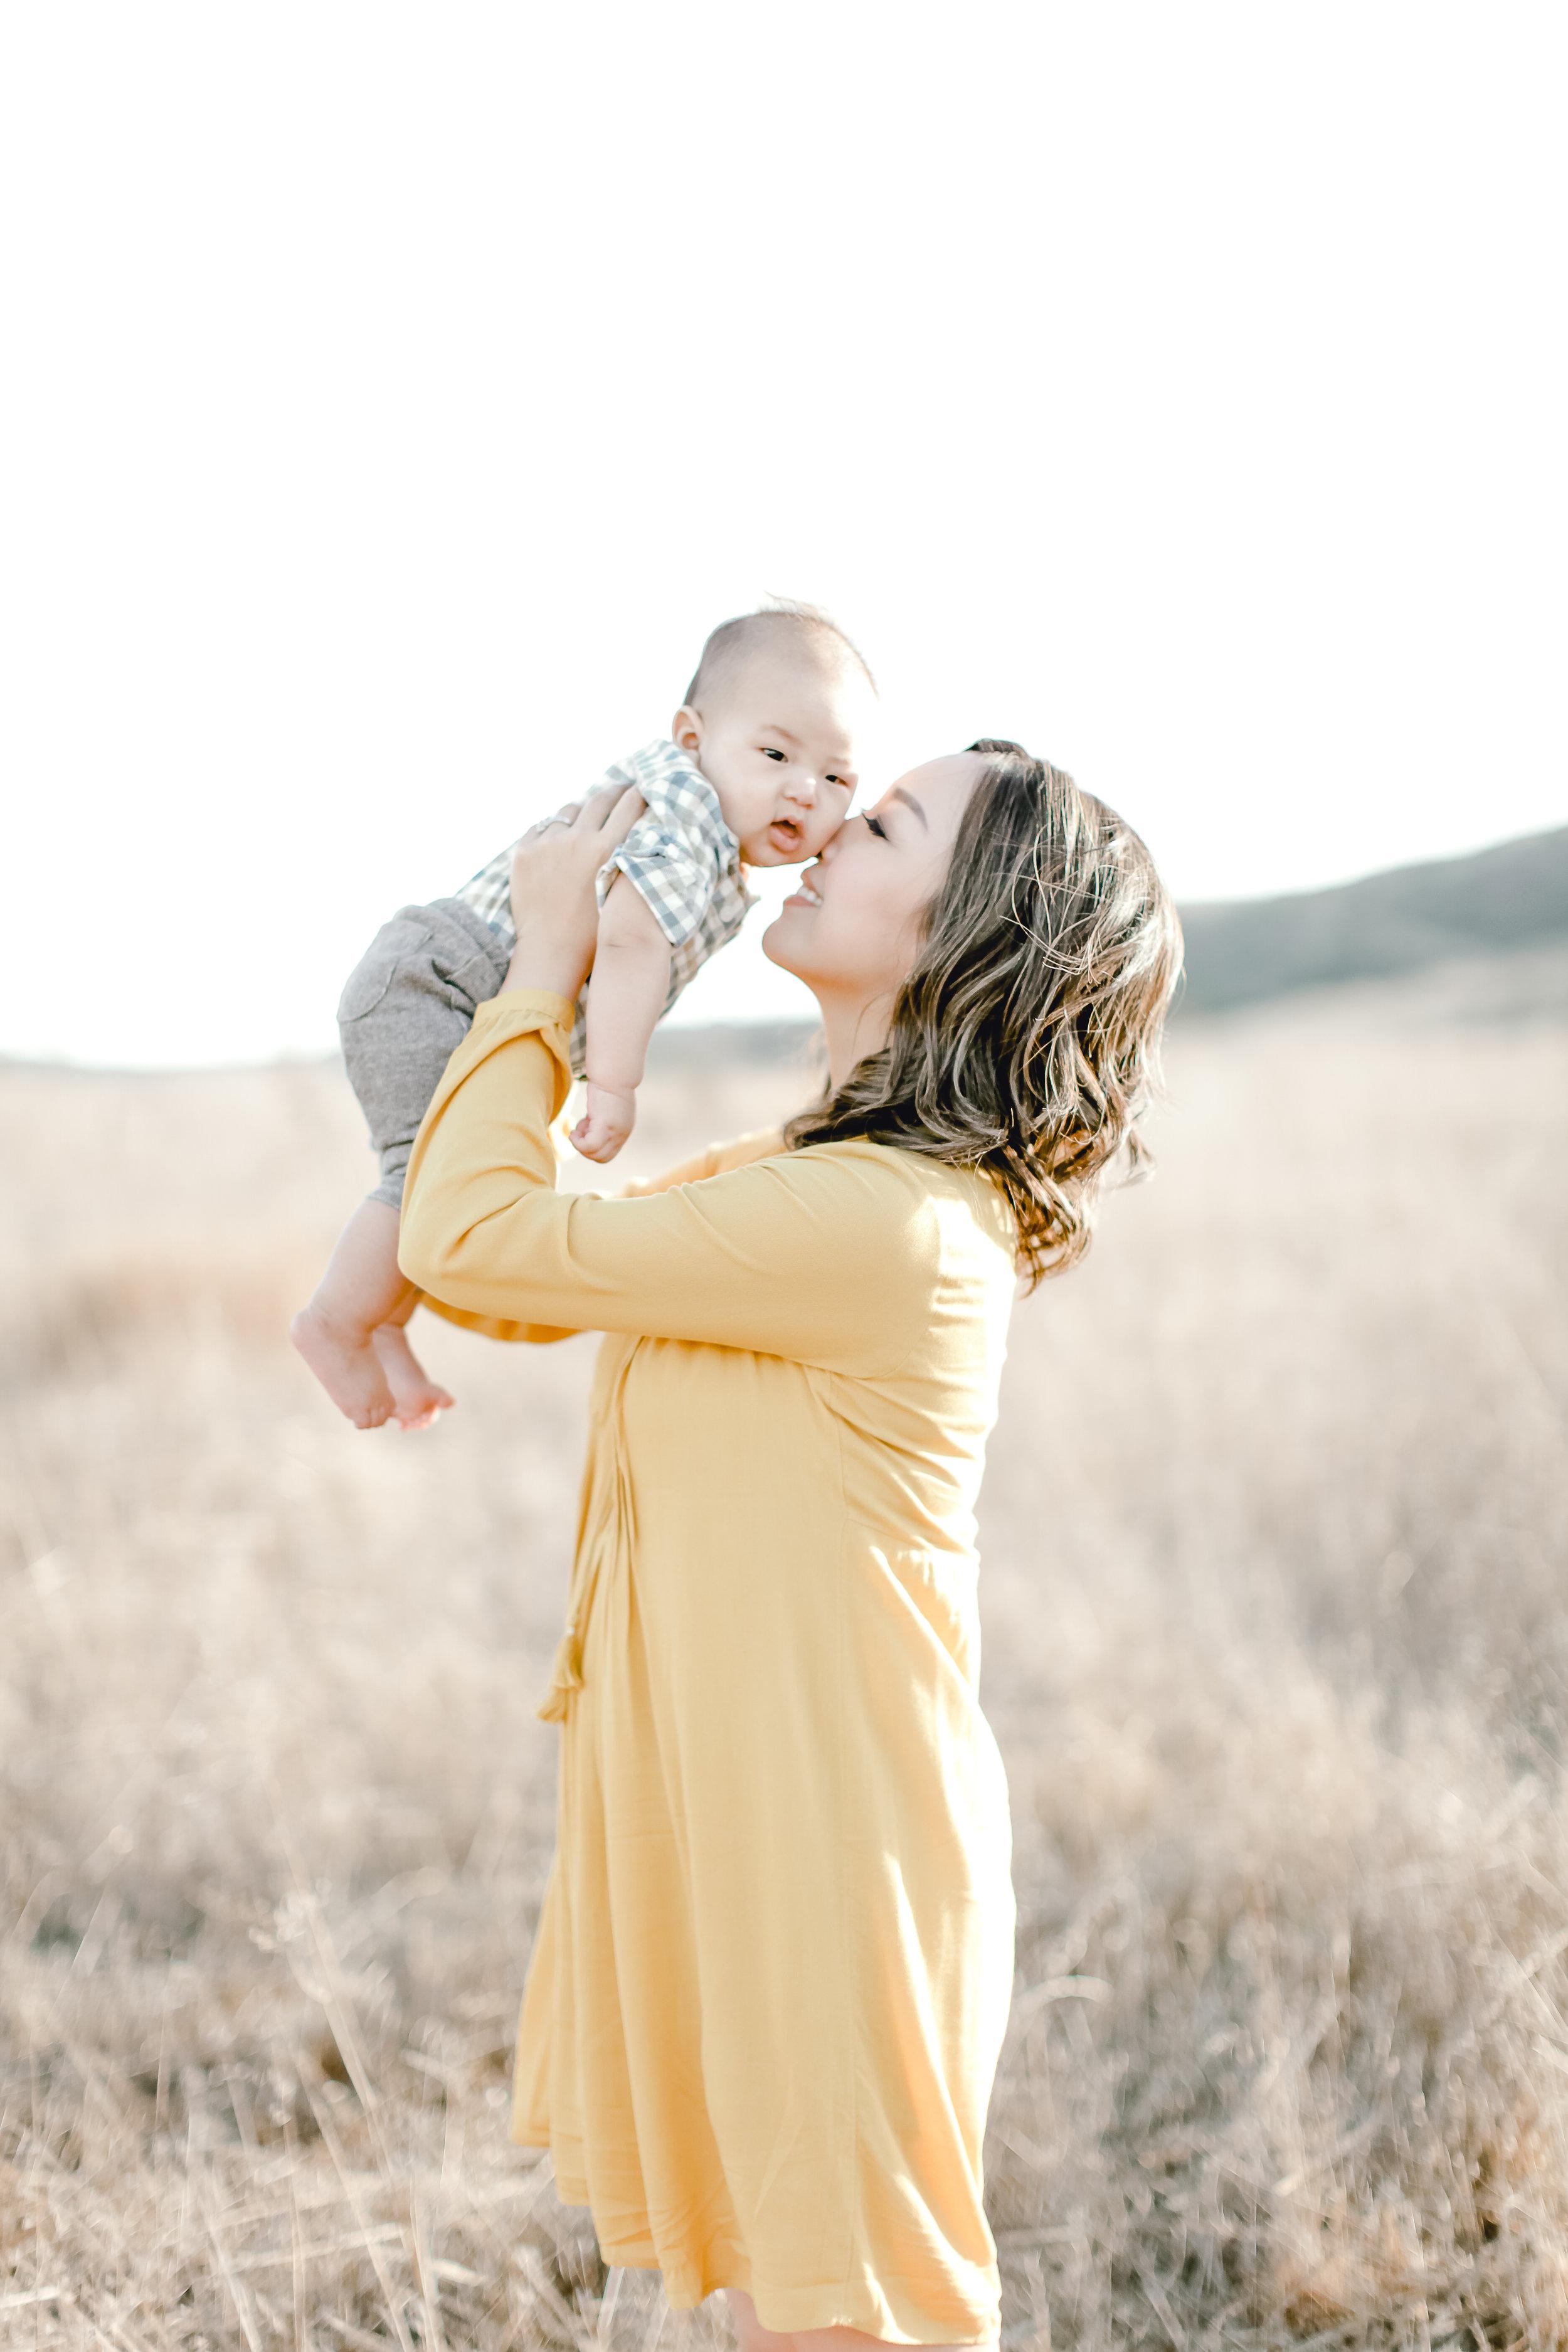 Cori-Kleckner-Photography-  Lee Family Session1-73.JPG